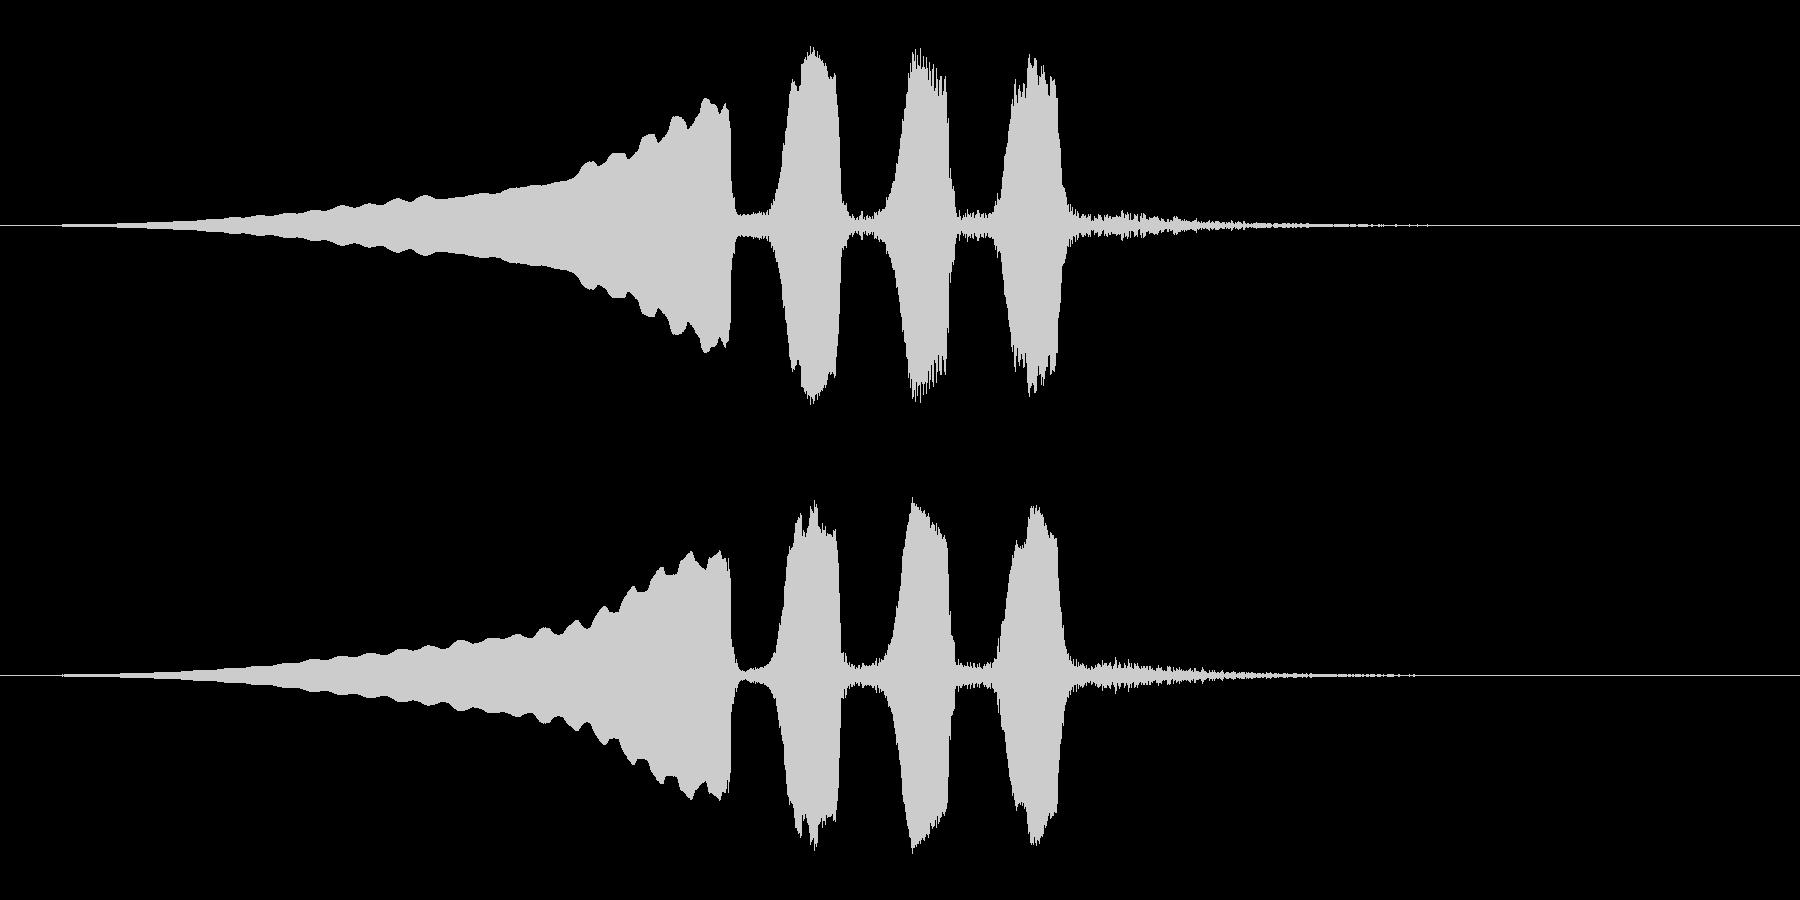 うぐいすの鳴き声 1C ほーほけきょの未再生の波形